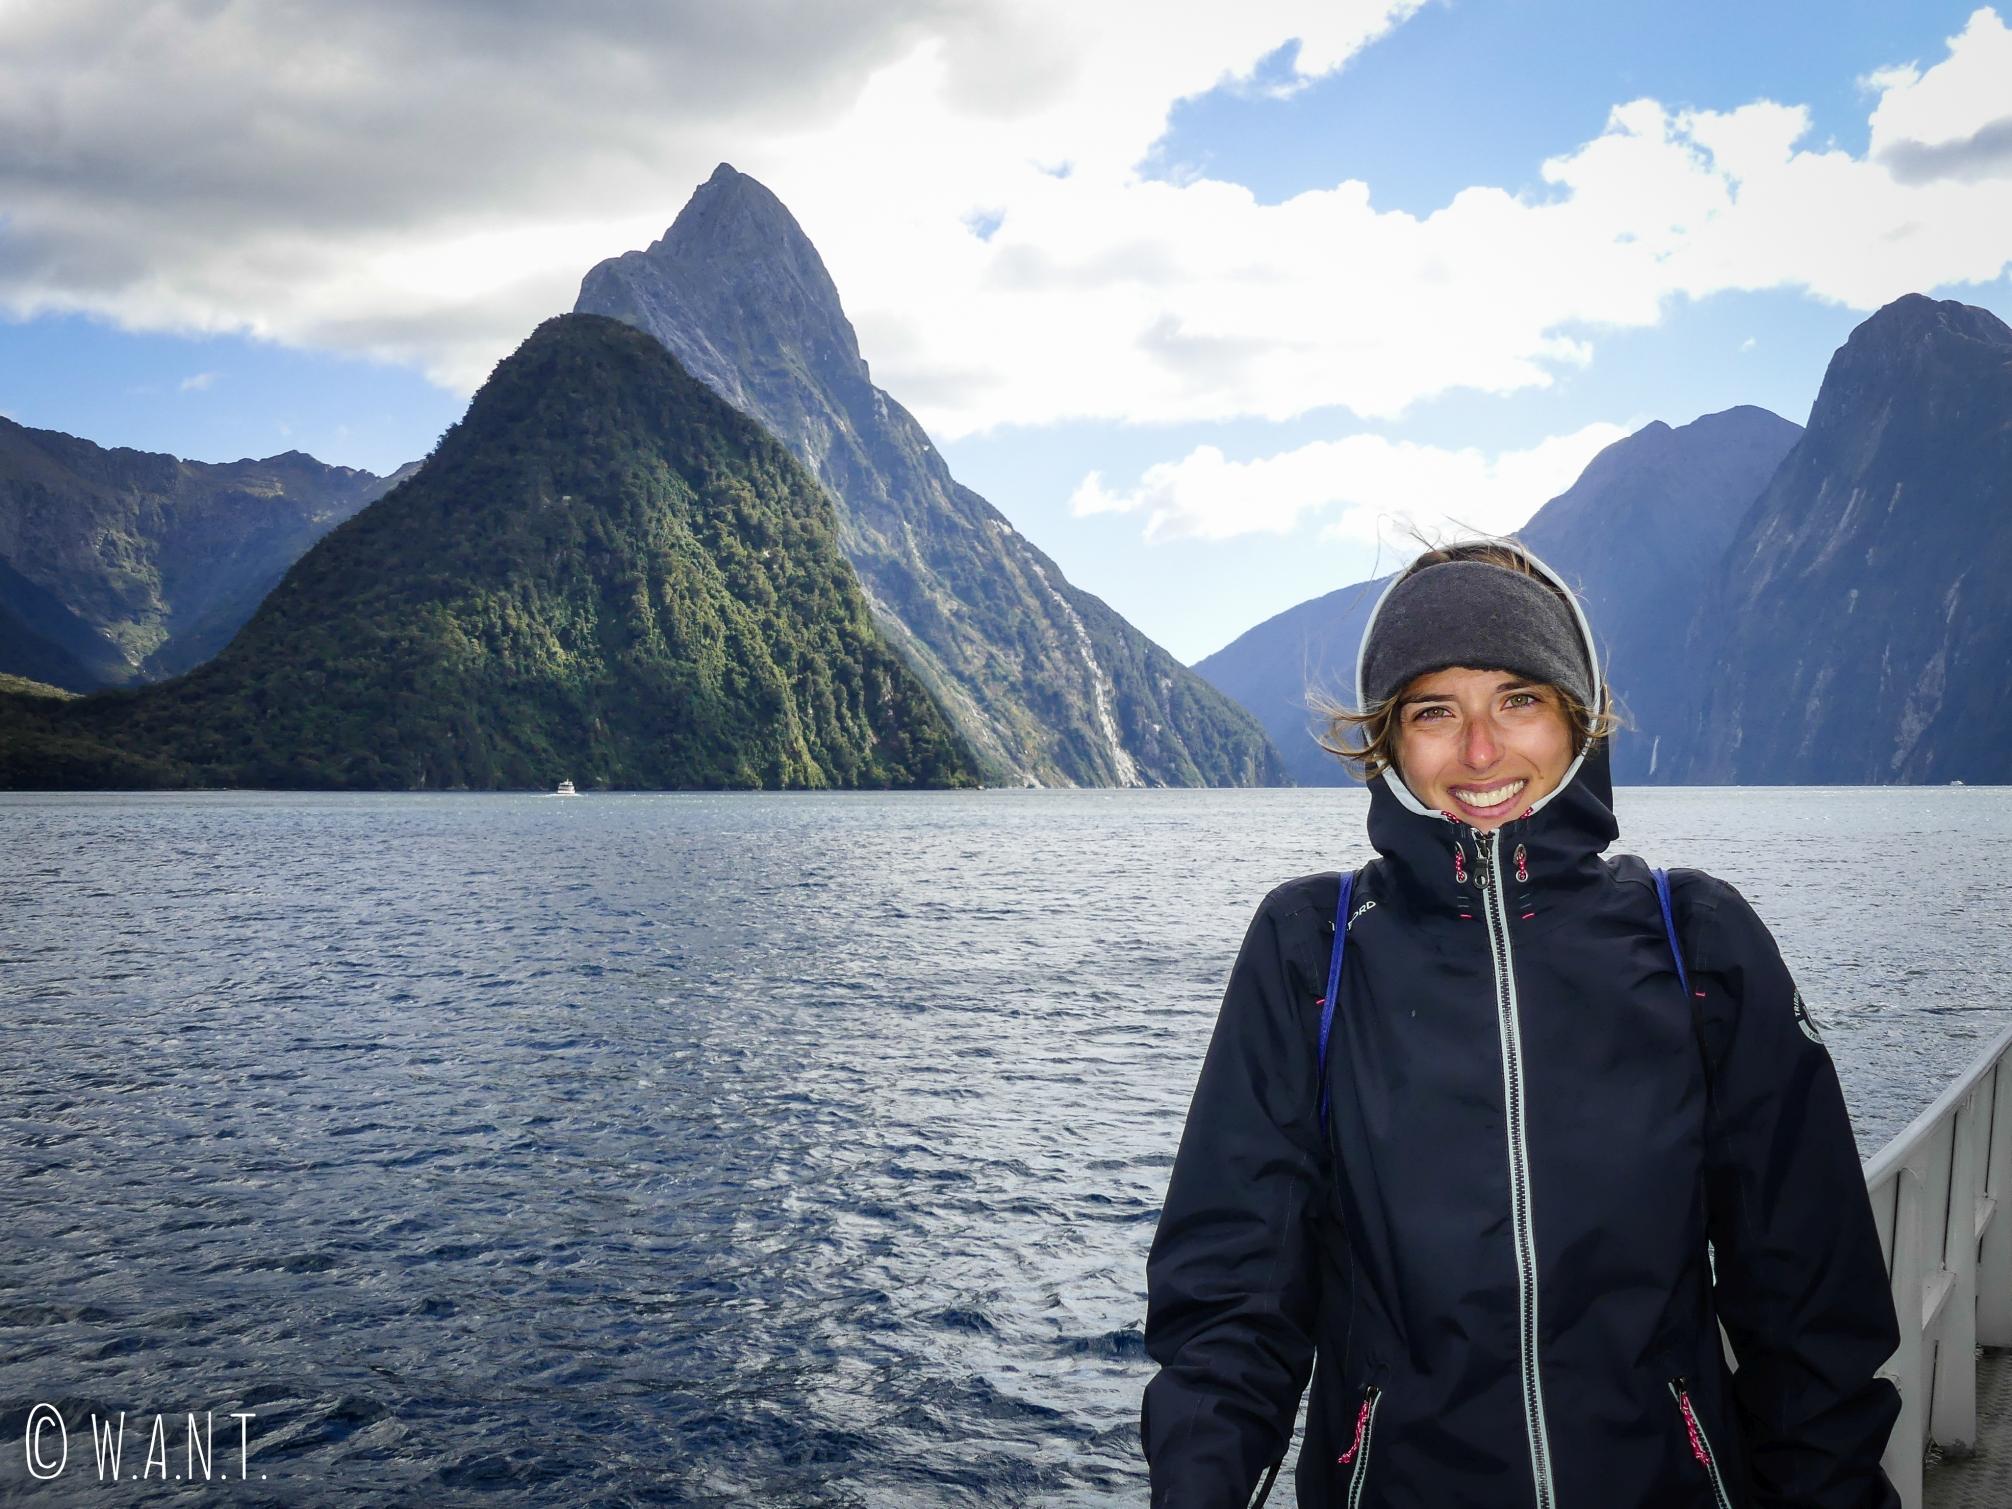 Portrait de Marion devant le Mitre Peak en Nouvelle-Zélande